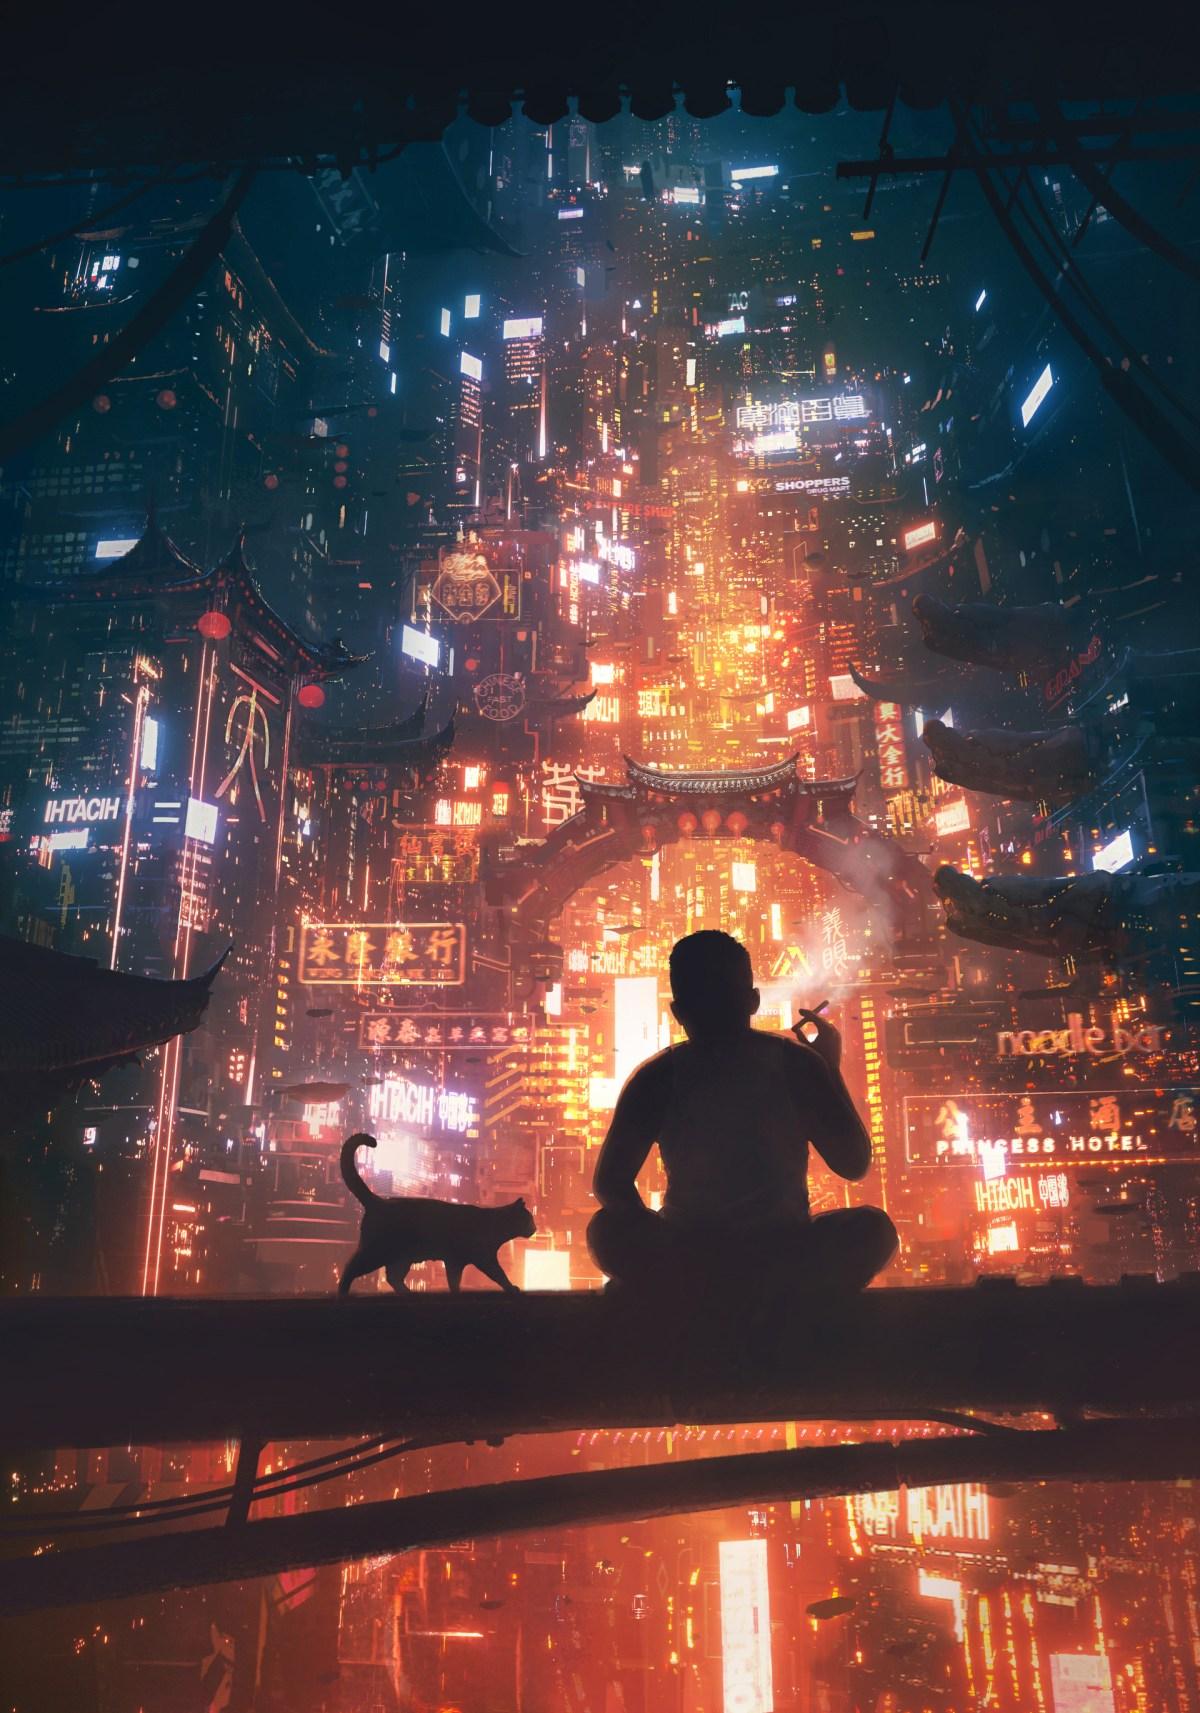 Cyberpunk Futuristic City - China and cat